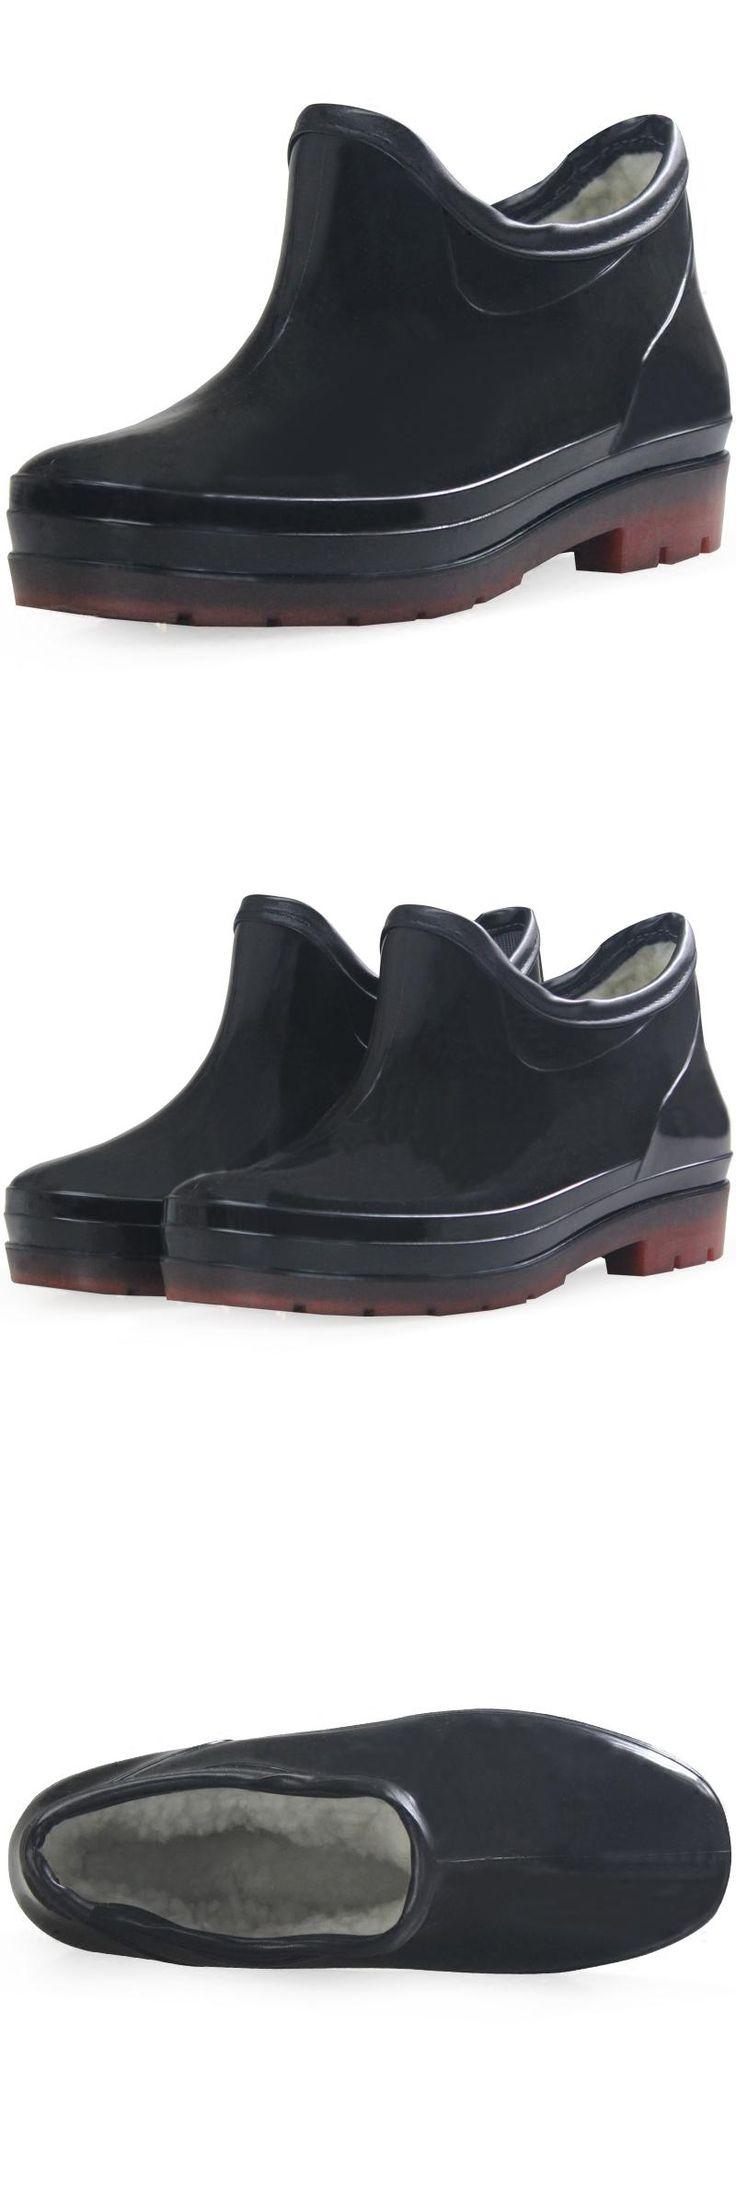 [Visit to Buy] 2017 Men's fashion balck rain boots male new non-slip waterproof short galoshes outdoor 39-46 plus size  bottes de pluie homme #Advertisement